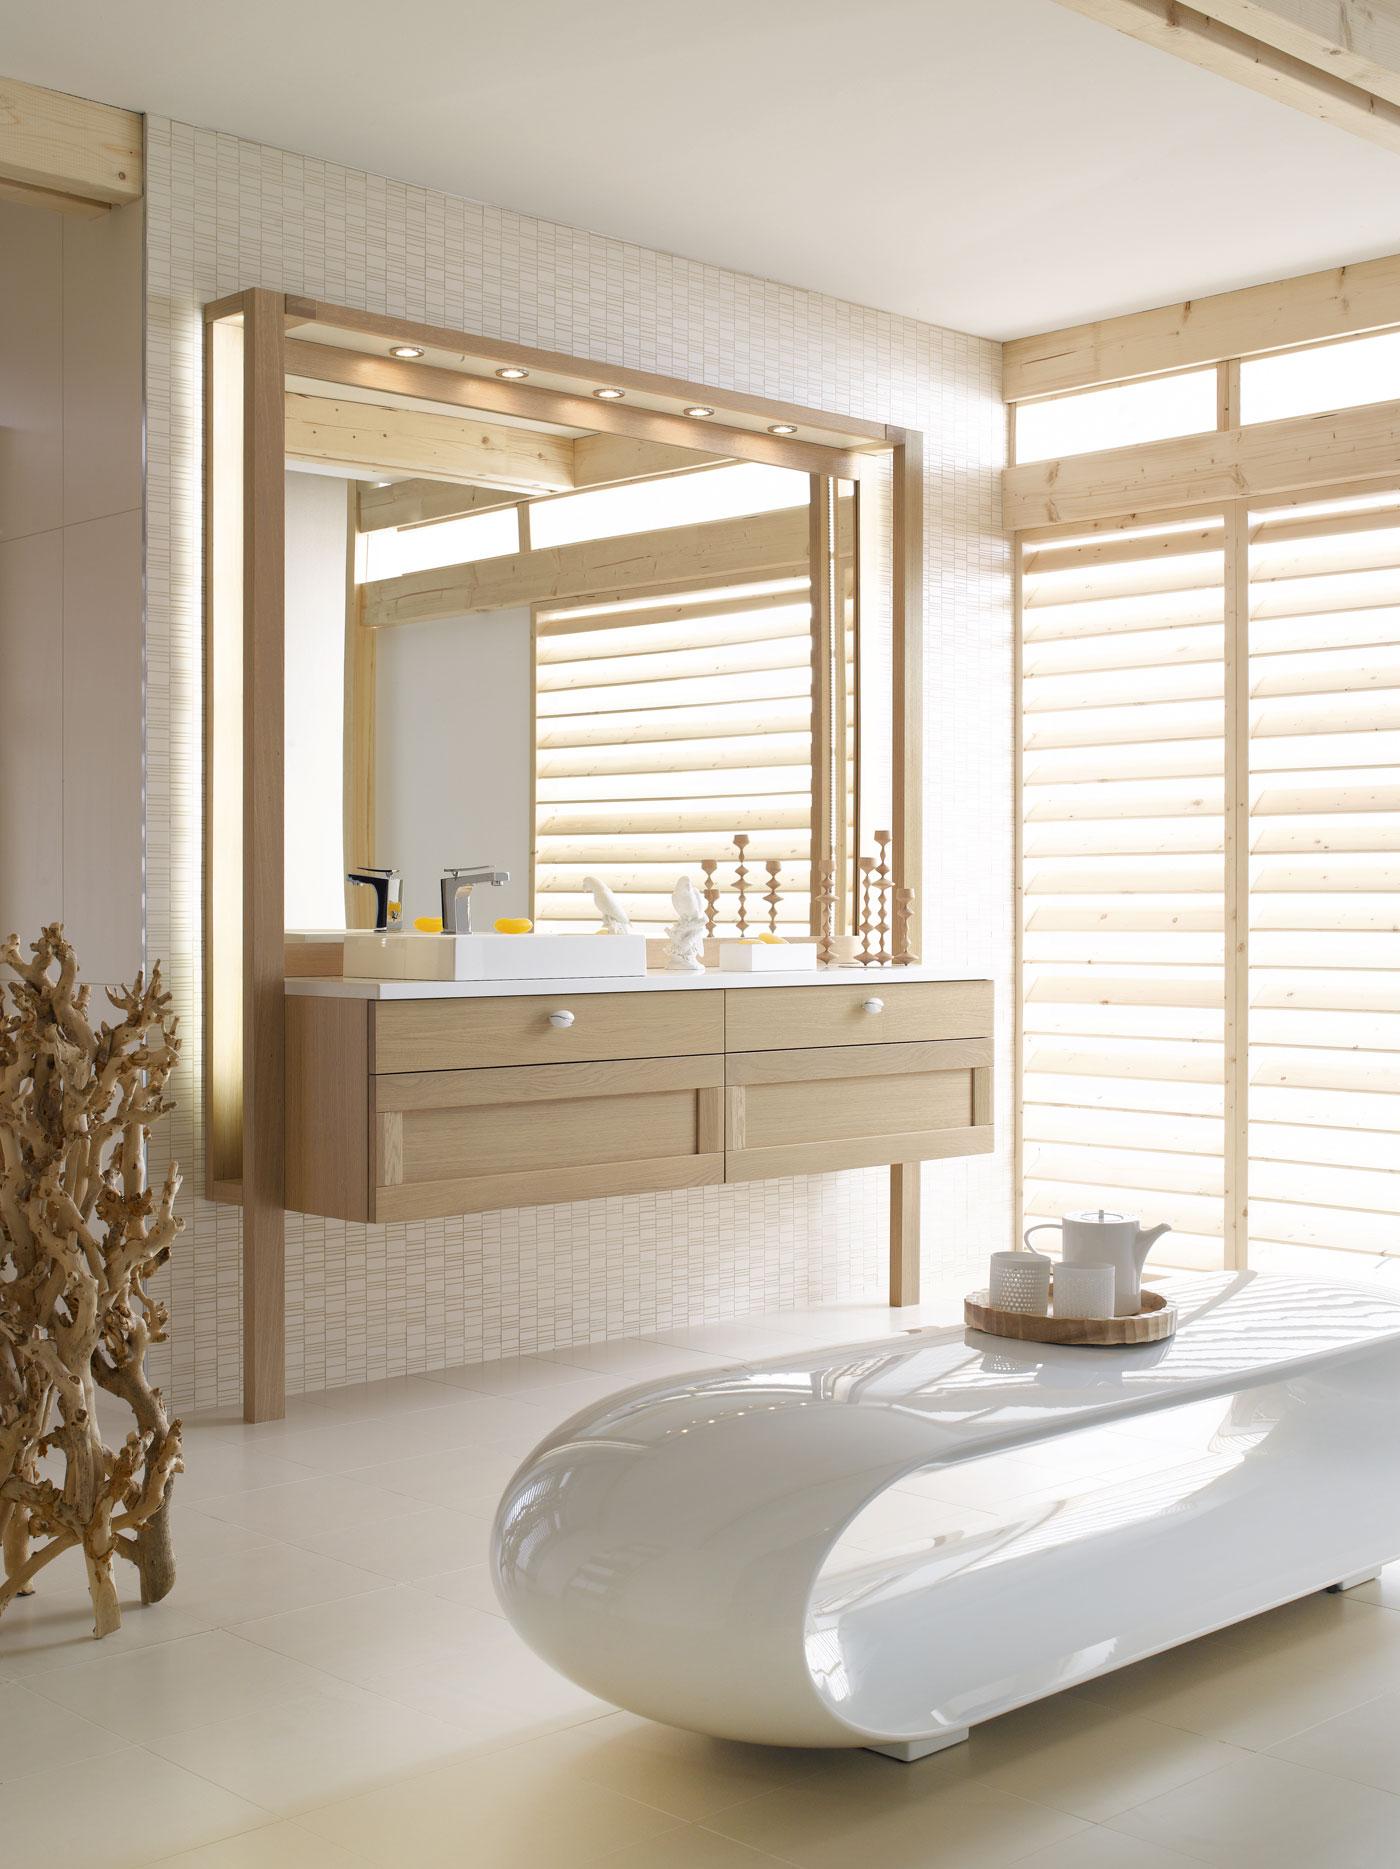 Salle de bain oze ch ne blanchi vasque rectangulaire - Salle de bain rectangulaire ...